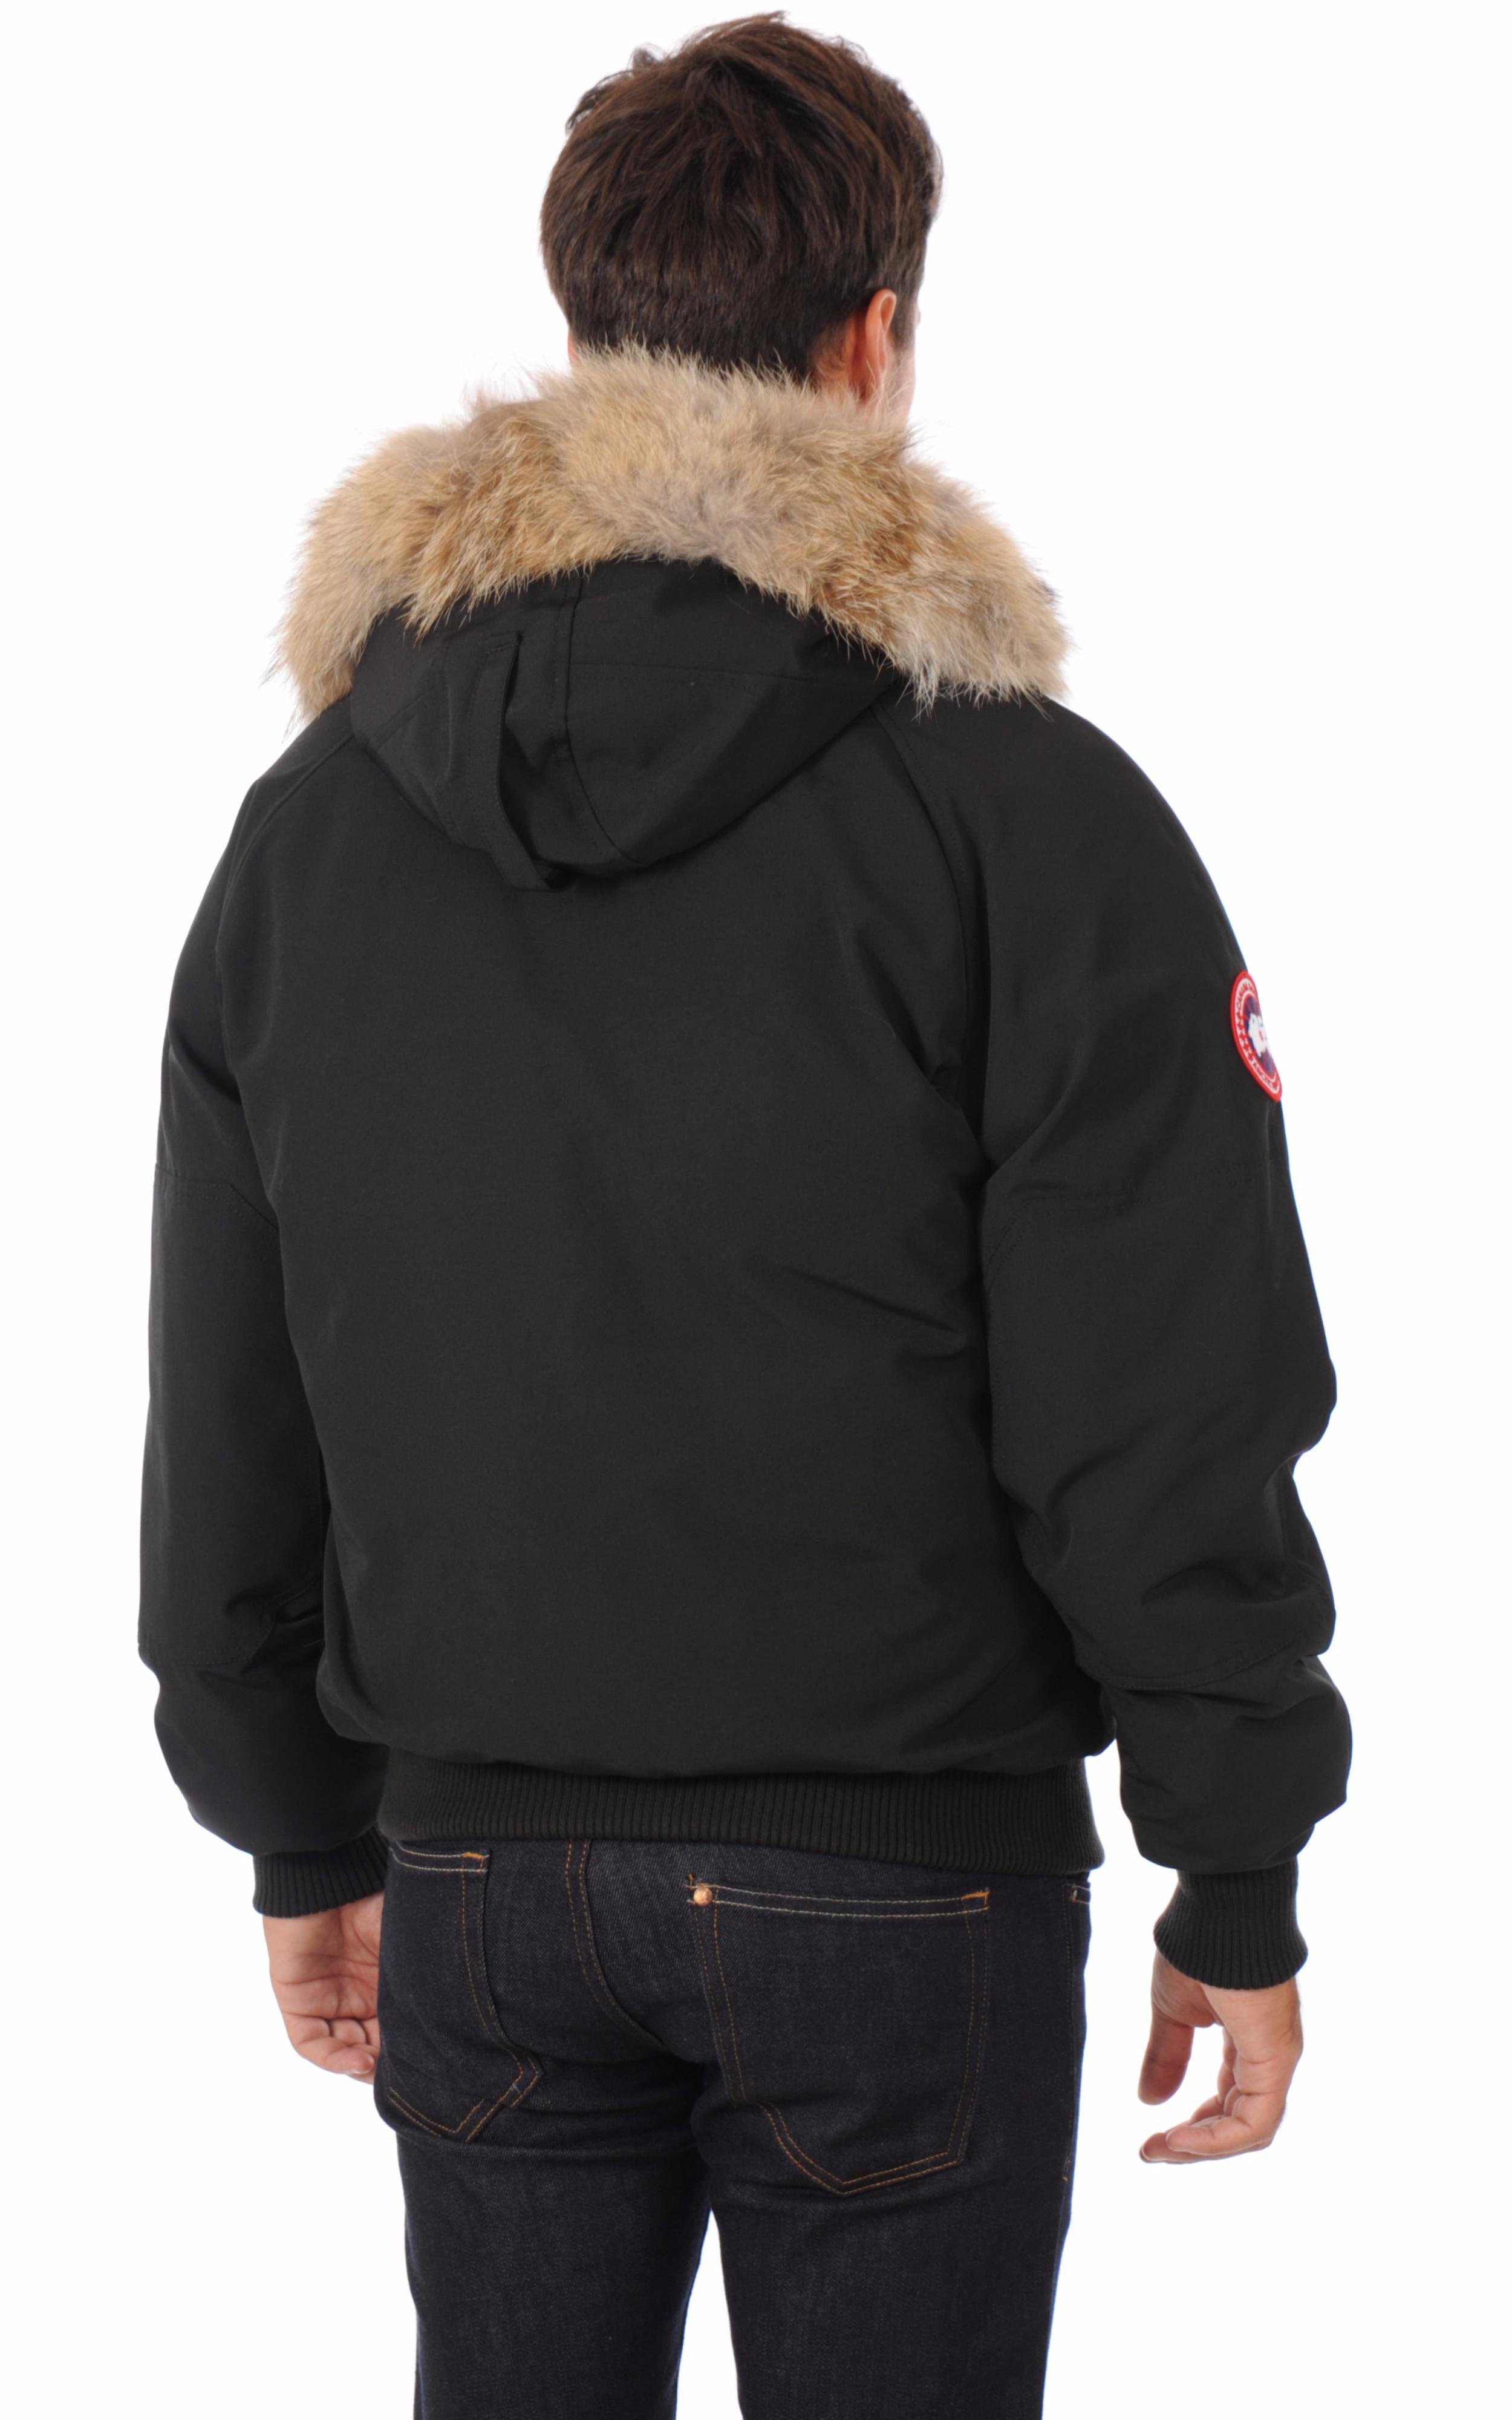 Blouson Chilliwack Noir Homme Canada Goose